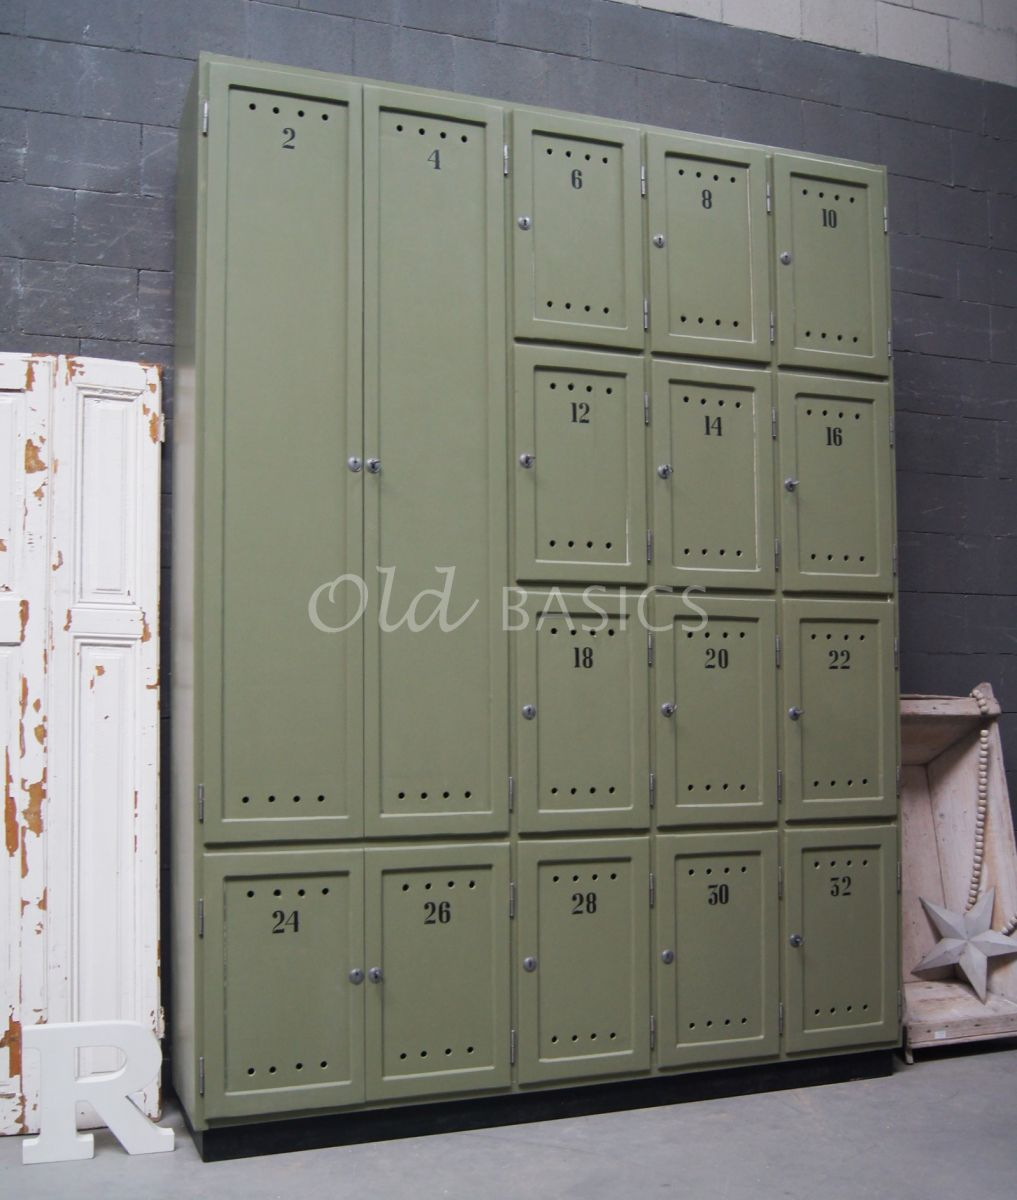 Lockerkast Numero 5 6013 1 1504 104 Old Basics